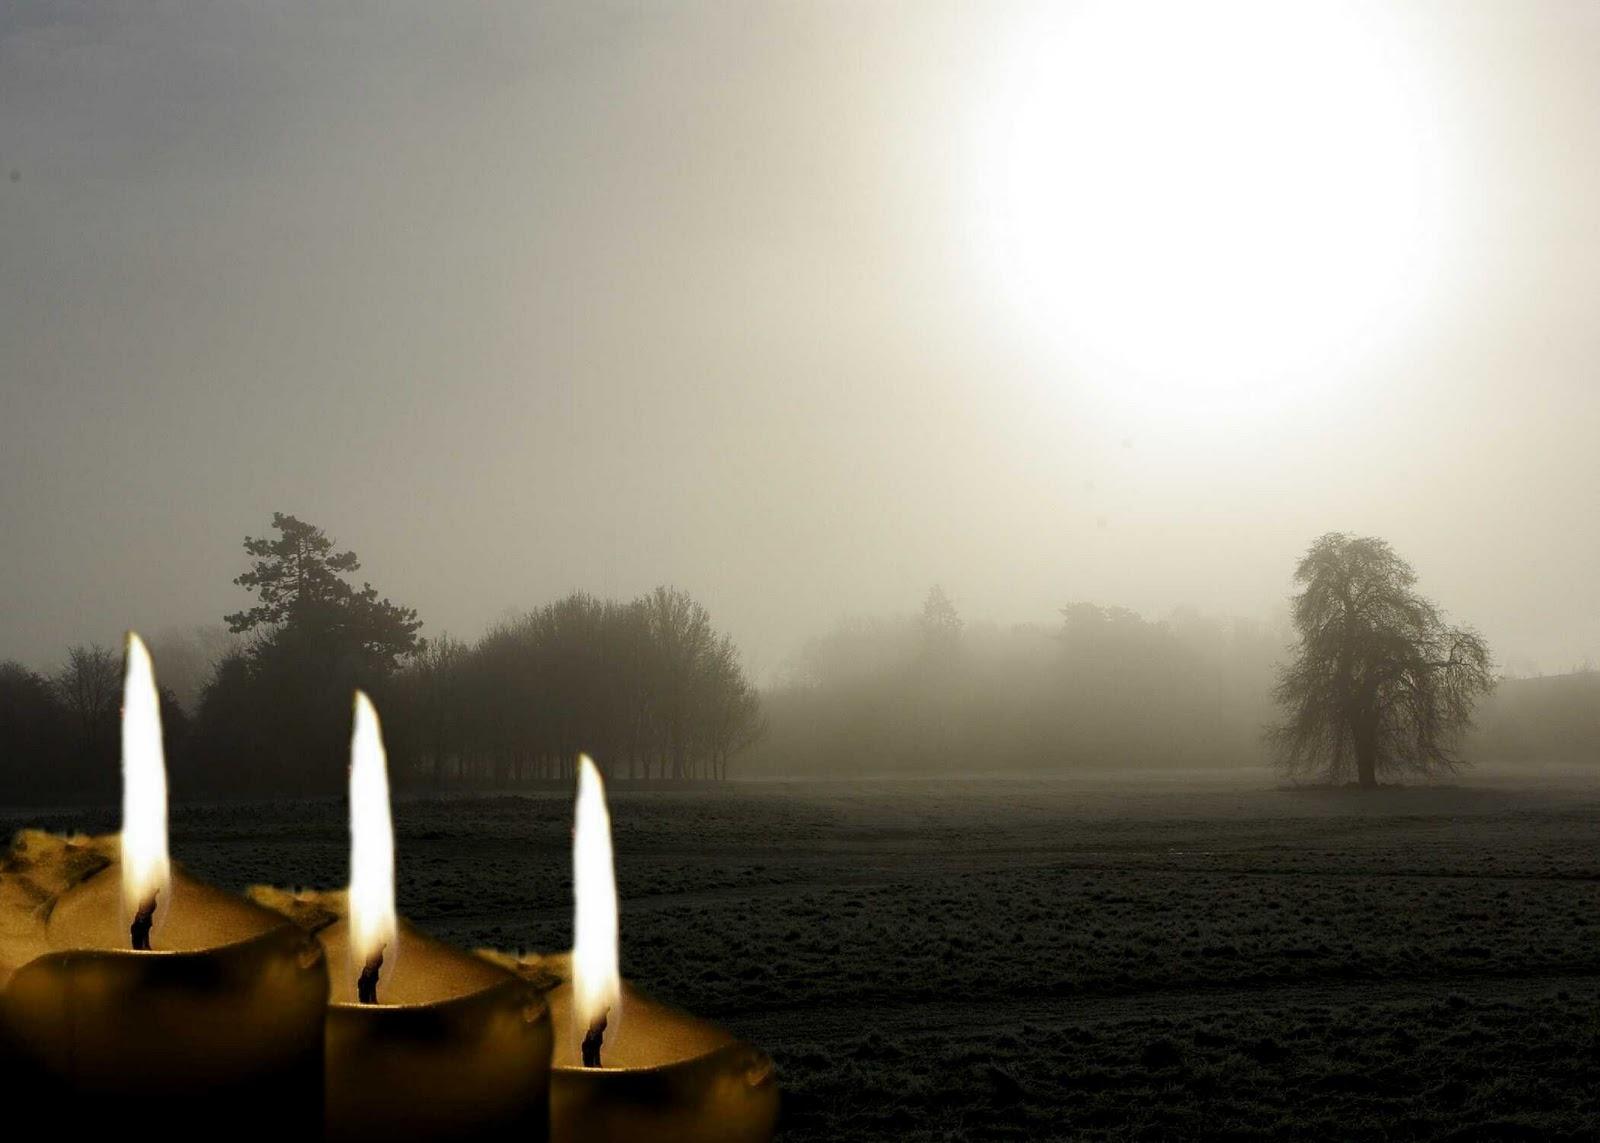 wordsculptures advent candle 3. Black Bedroom Furniture Sets. Home Design Ideas